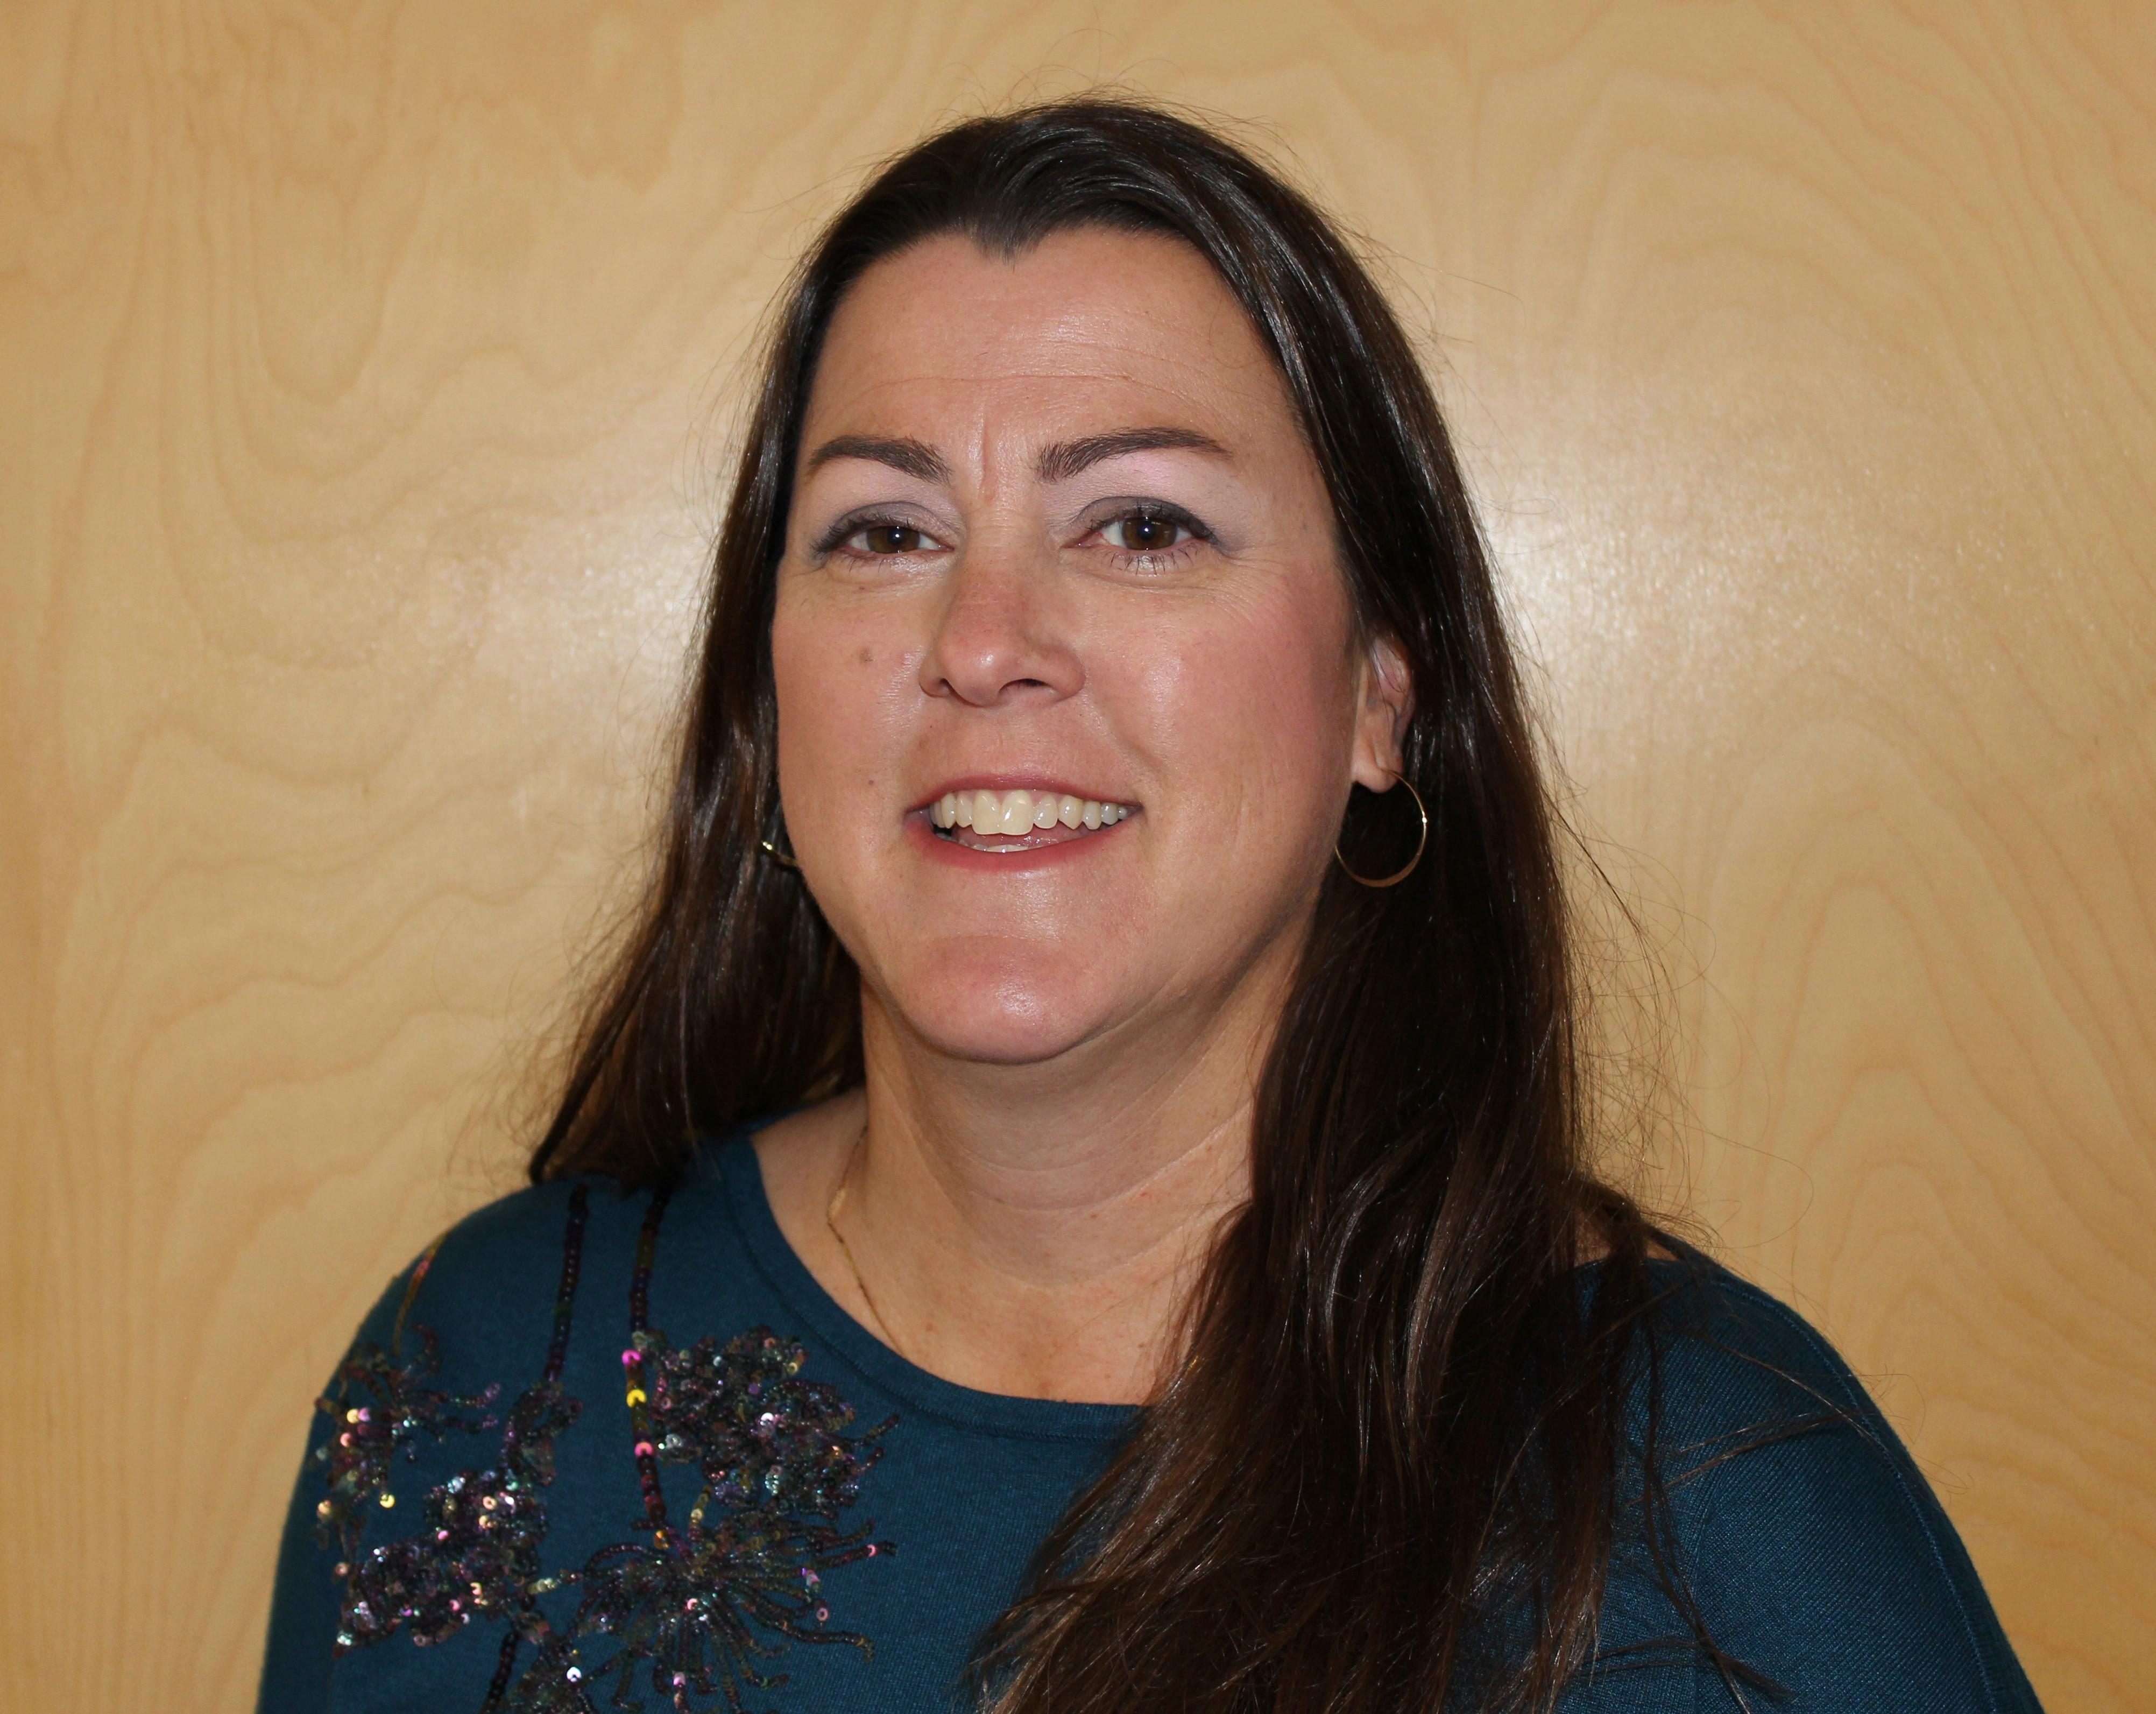 Shannon Gerig, CEO